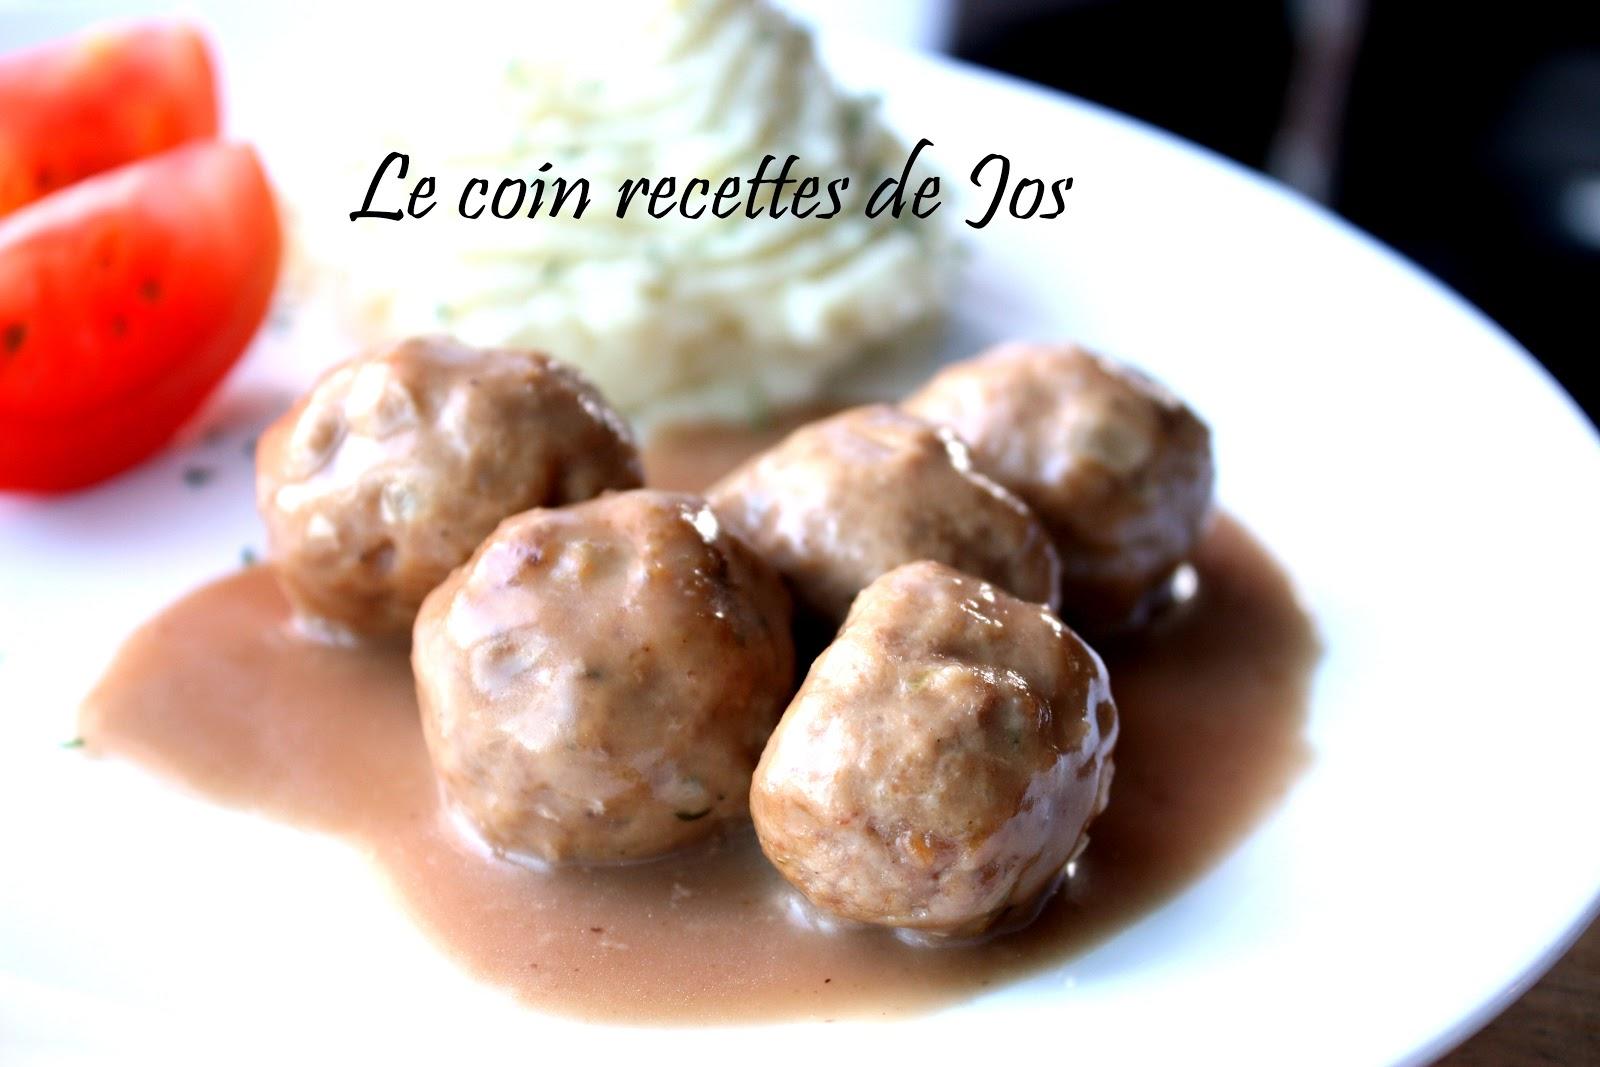 Le coin recettes de jos boulettes de viande sauce su doise - Boulette de viande en sauce ...